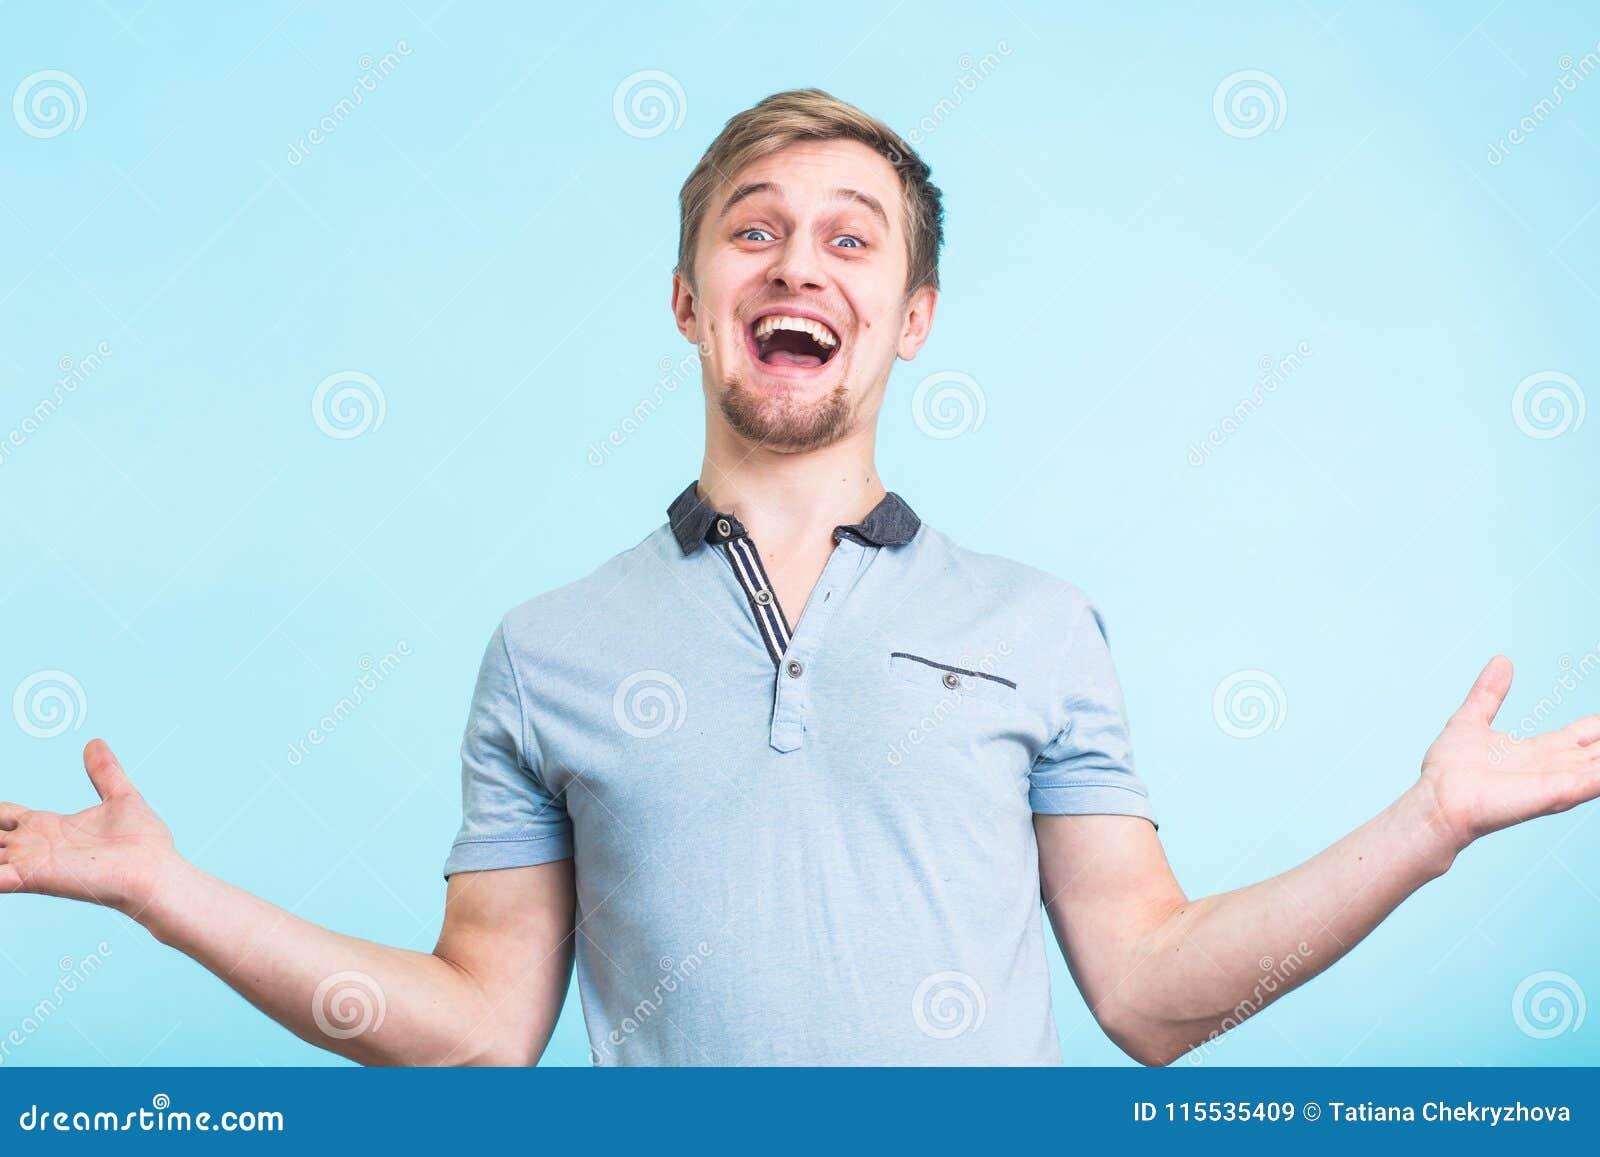 L homme enthousiaste a hurlé dans le bonheur, gestes activement, grand surprisement exprimé, au-dessus de fond bleu